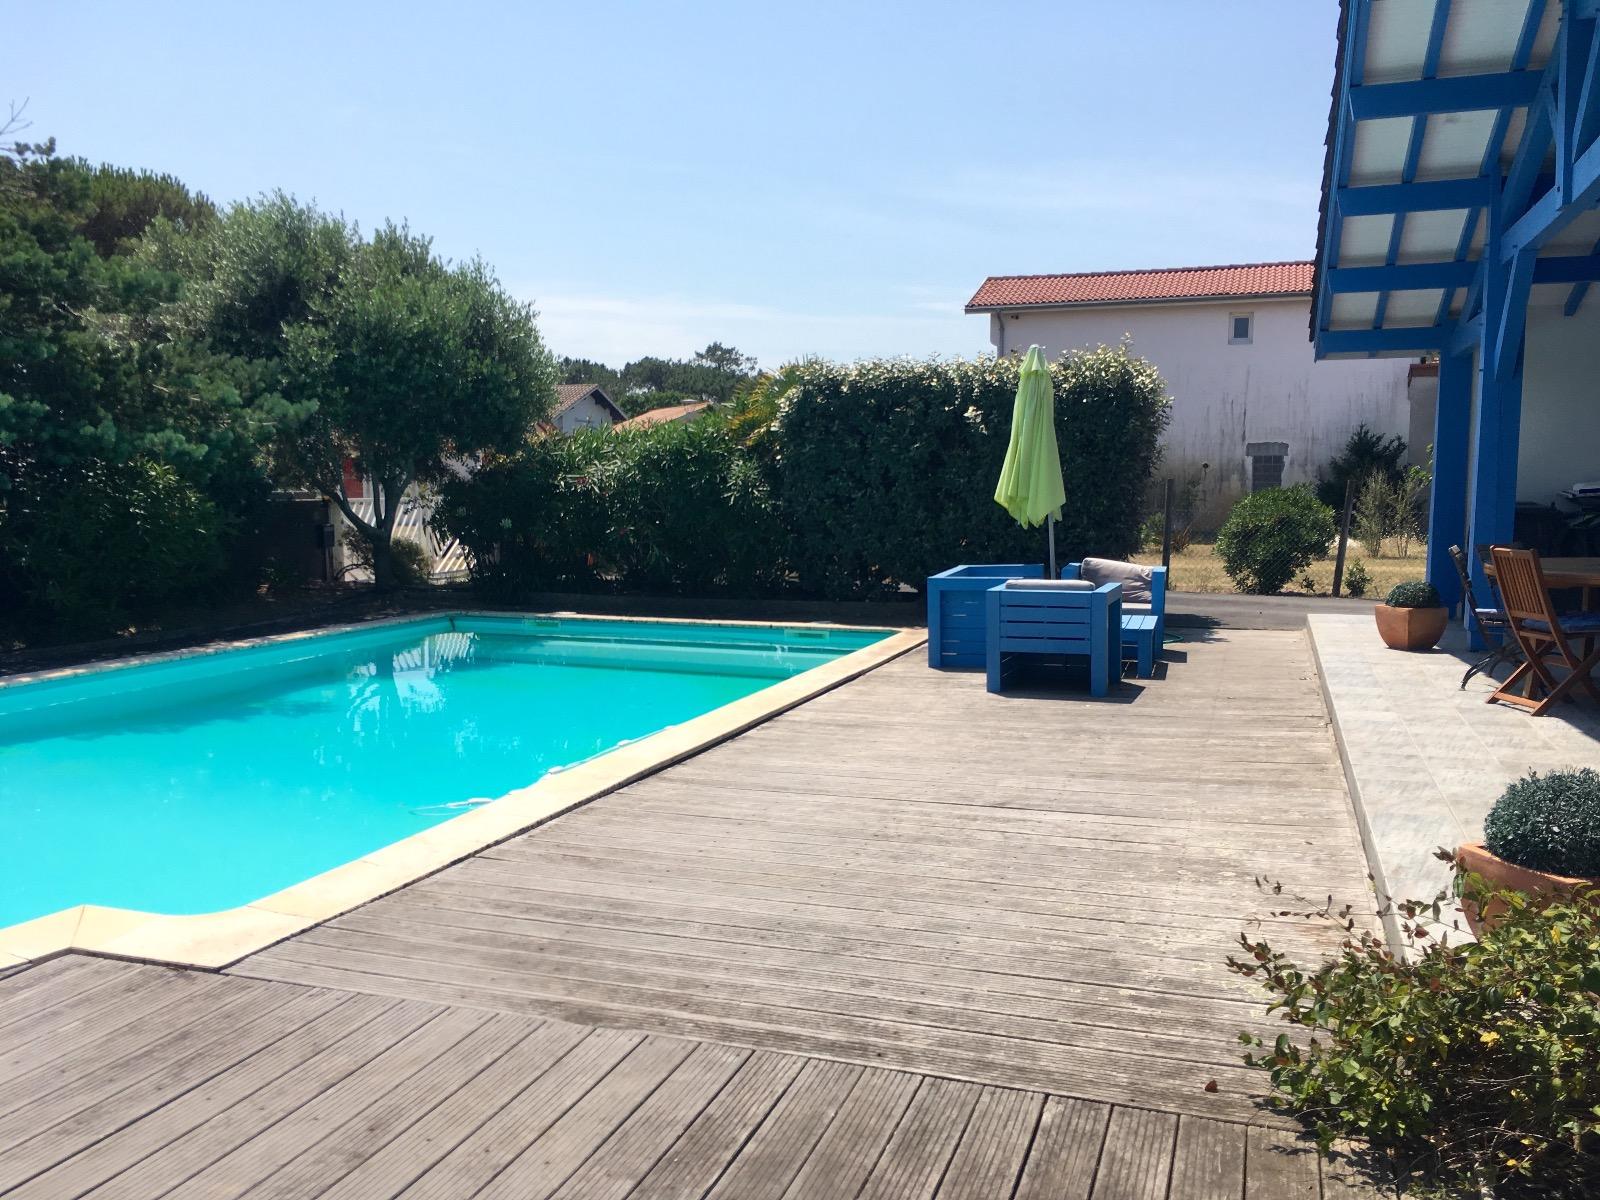 Mimizan plage villa f6 piscine id alement situ e 100m for Achat maison mimizan